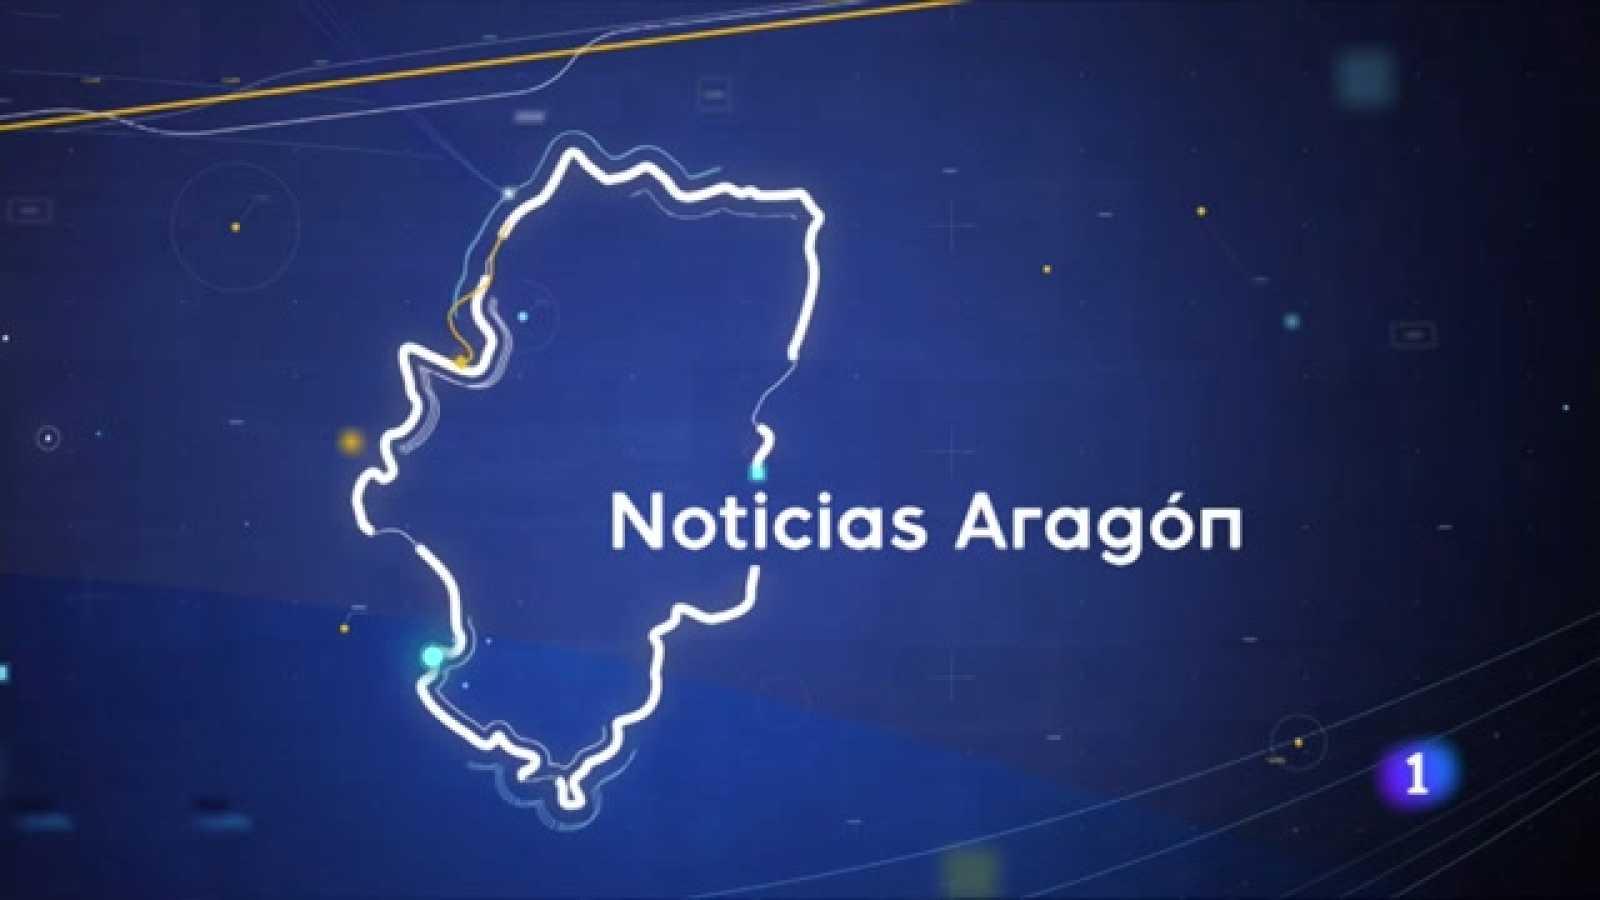 Aragón en 2 - 04/05/21 - Ver ahora